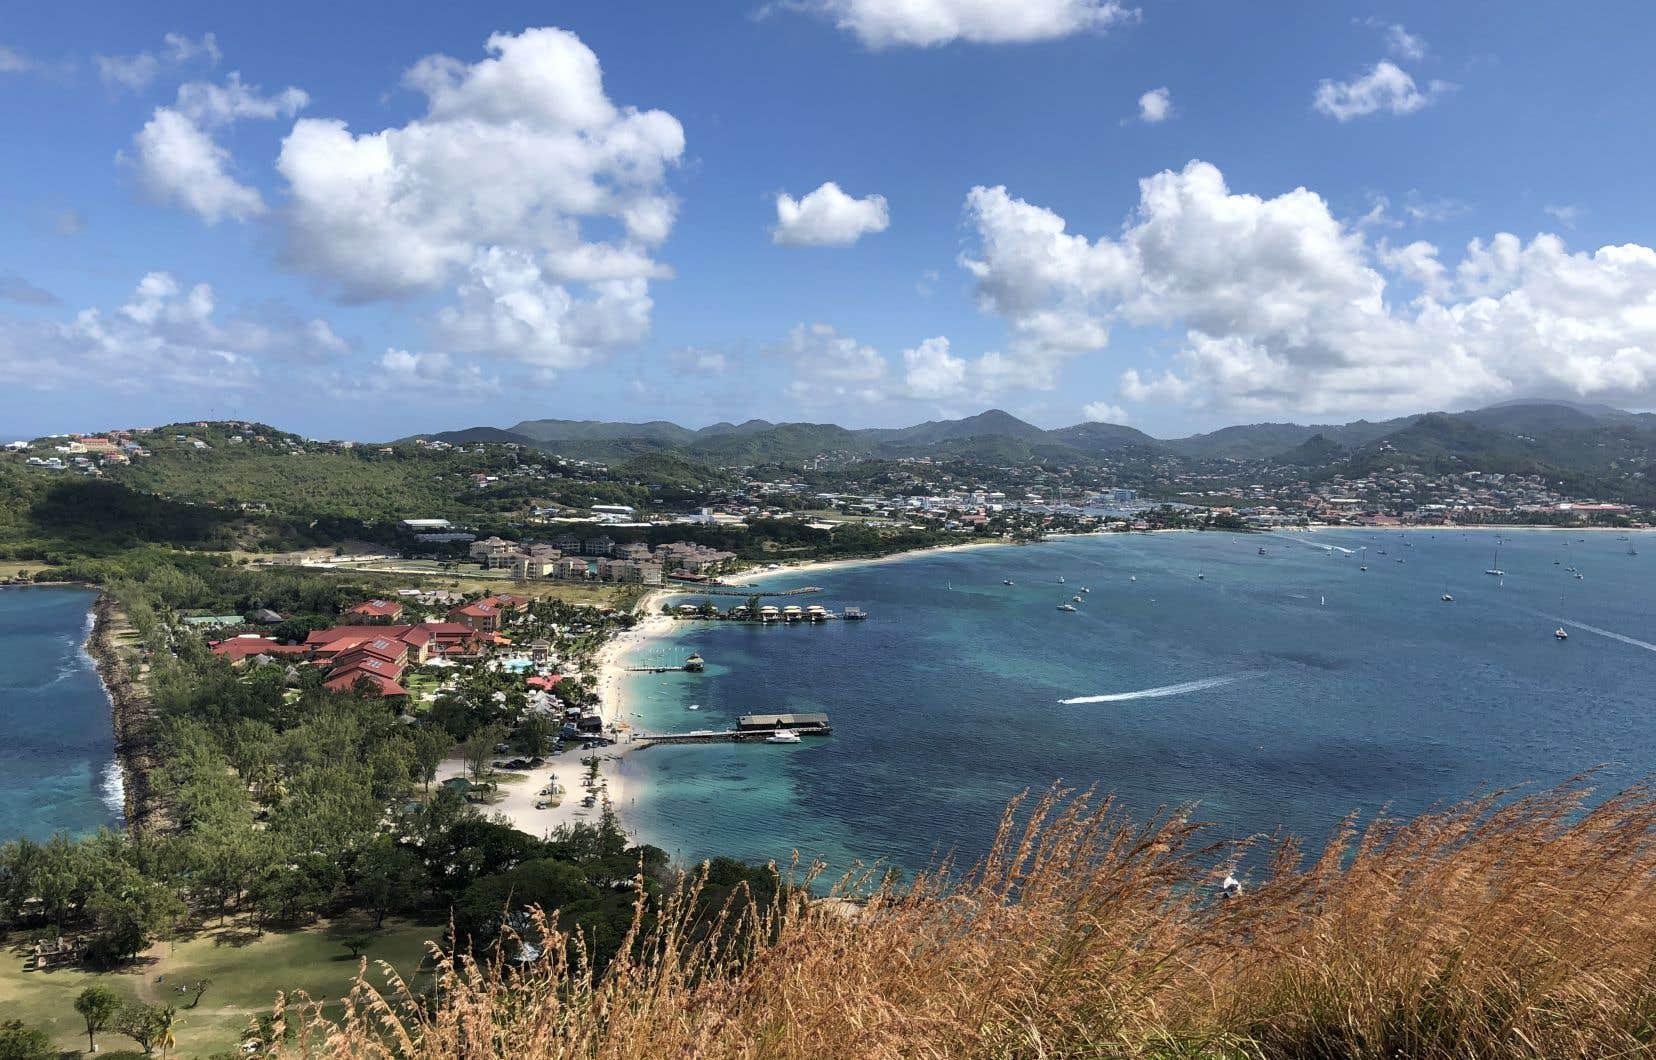 L'économie  des petits États insulaires en  développement, comme  Sainte-Lucie, dans les  Caraïbes,  dépend du tourisme.